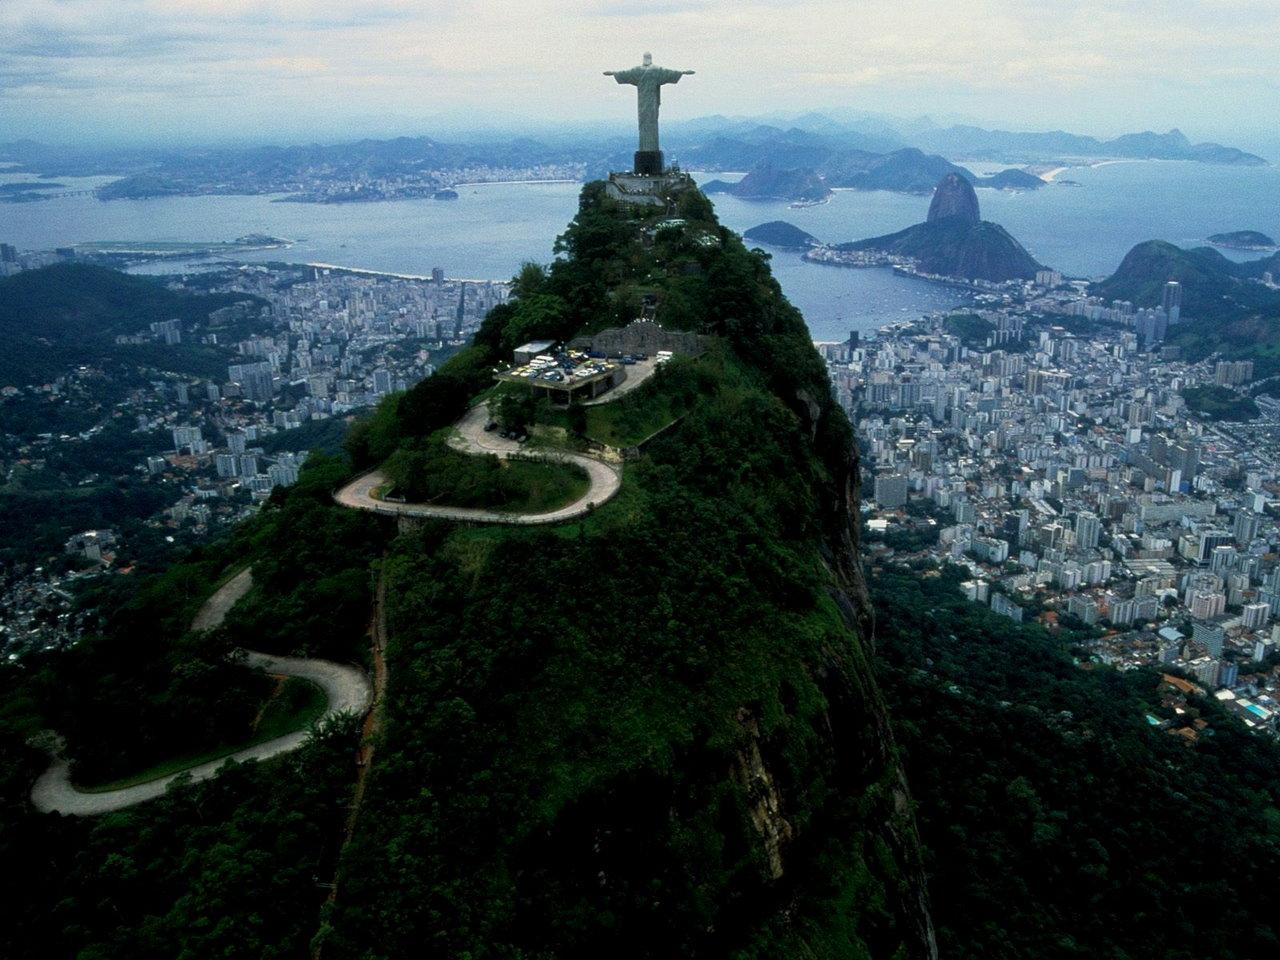 фотографы что можно посмотреть в бразилии достопримечательности зиму вместе